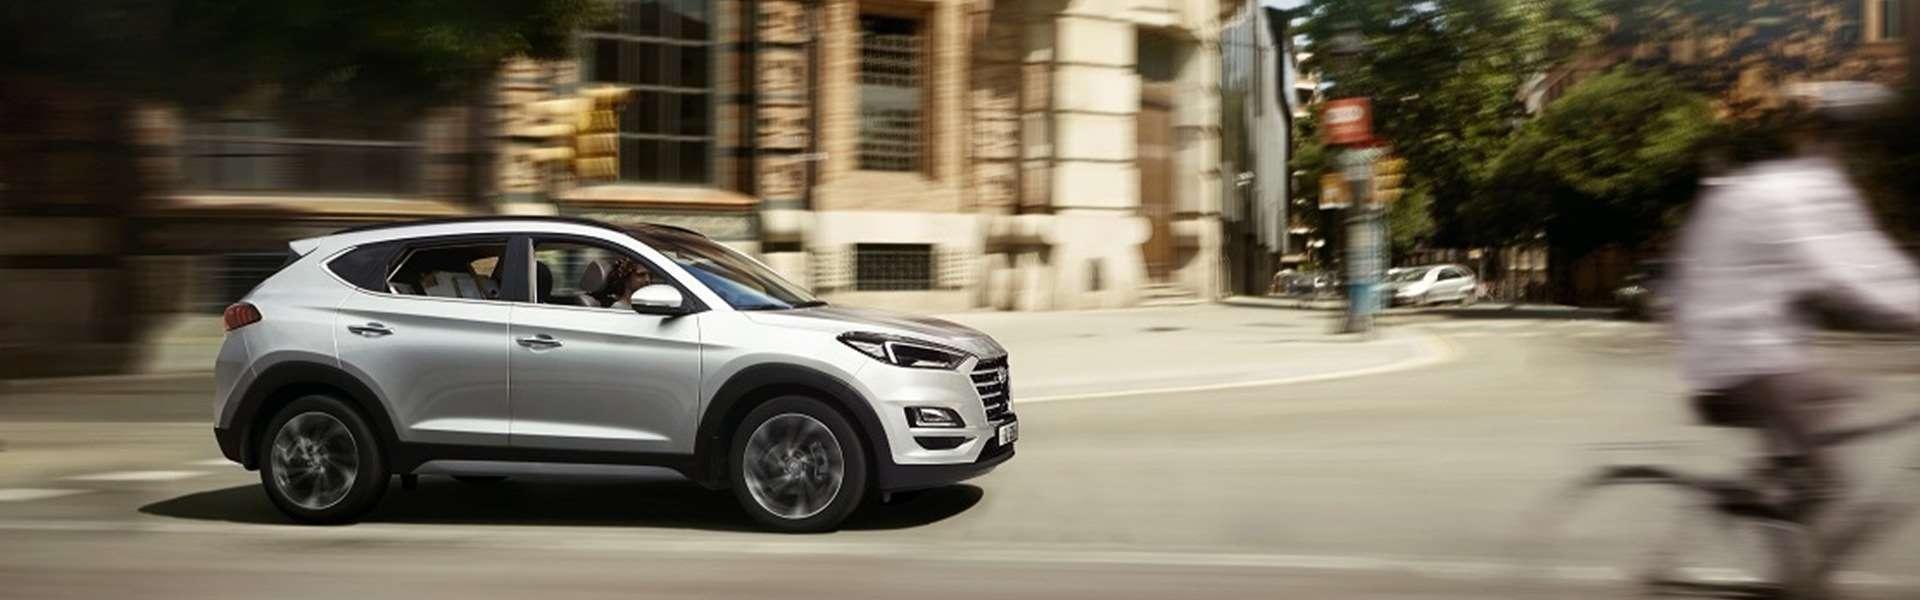 Hyundai Tucson готовий до нових пригод